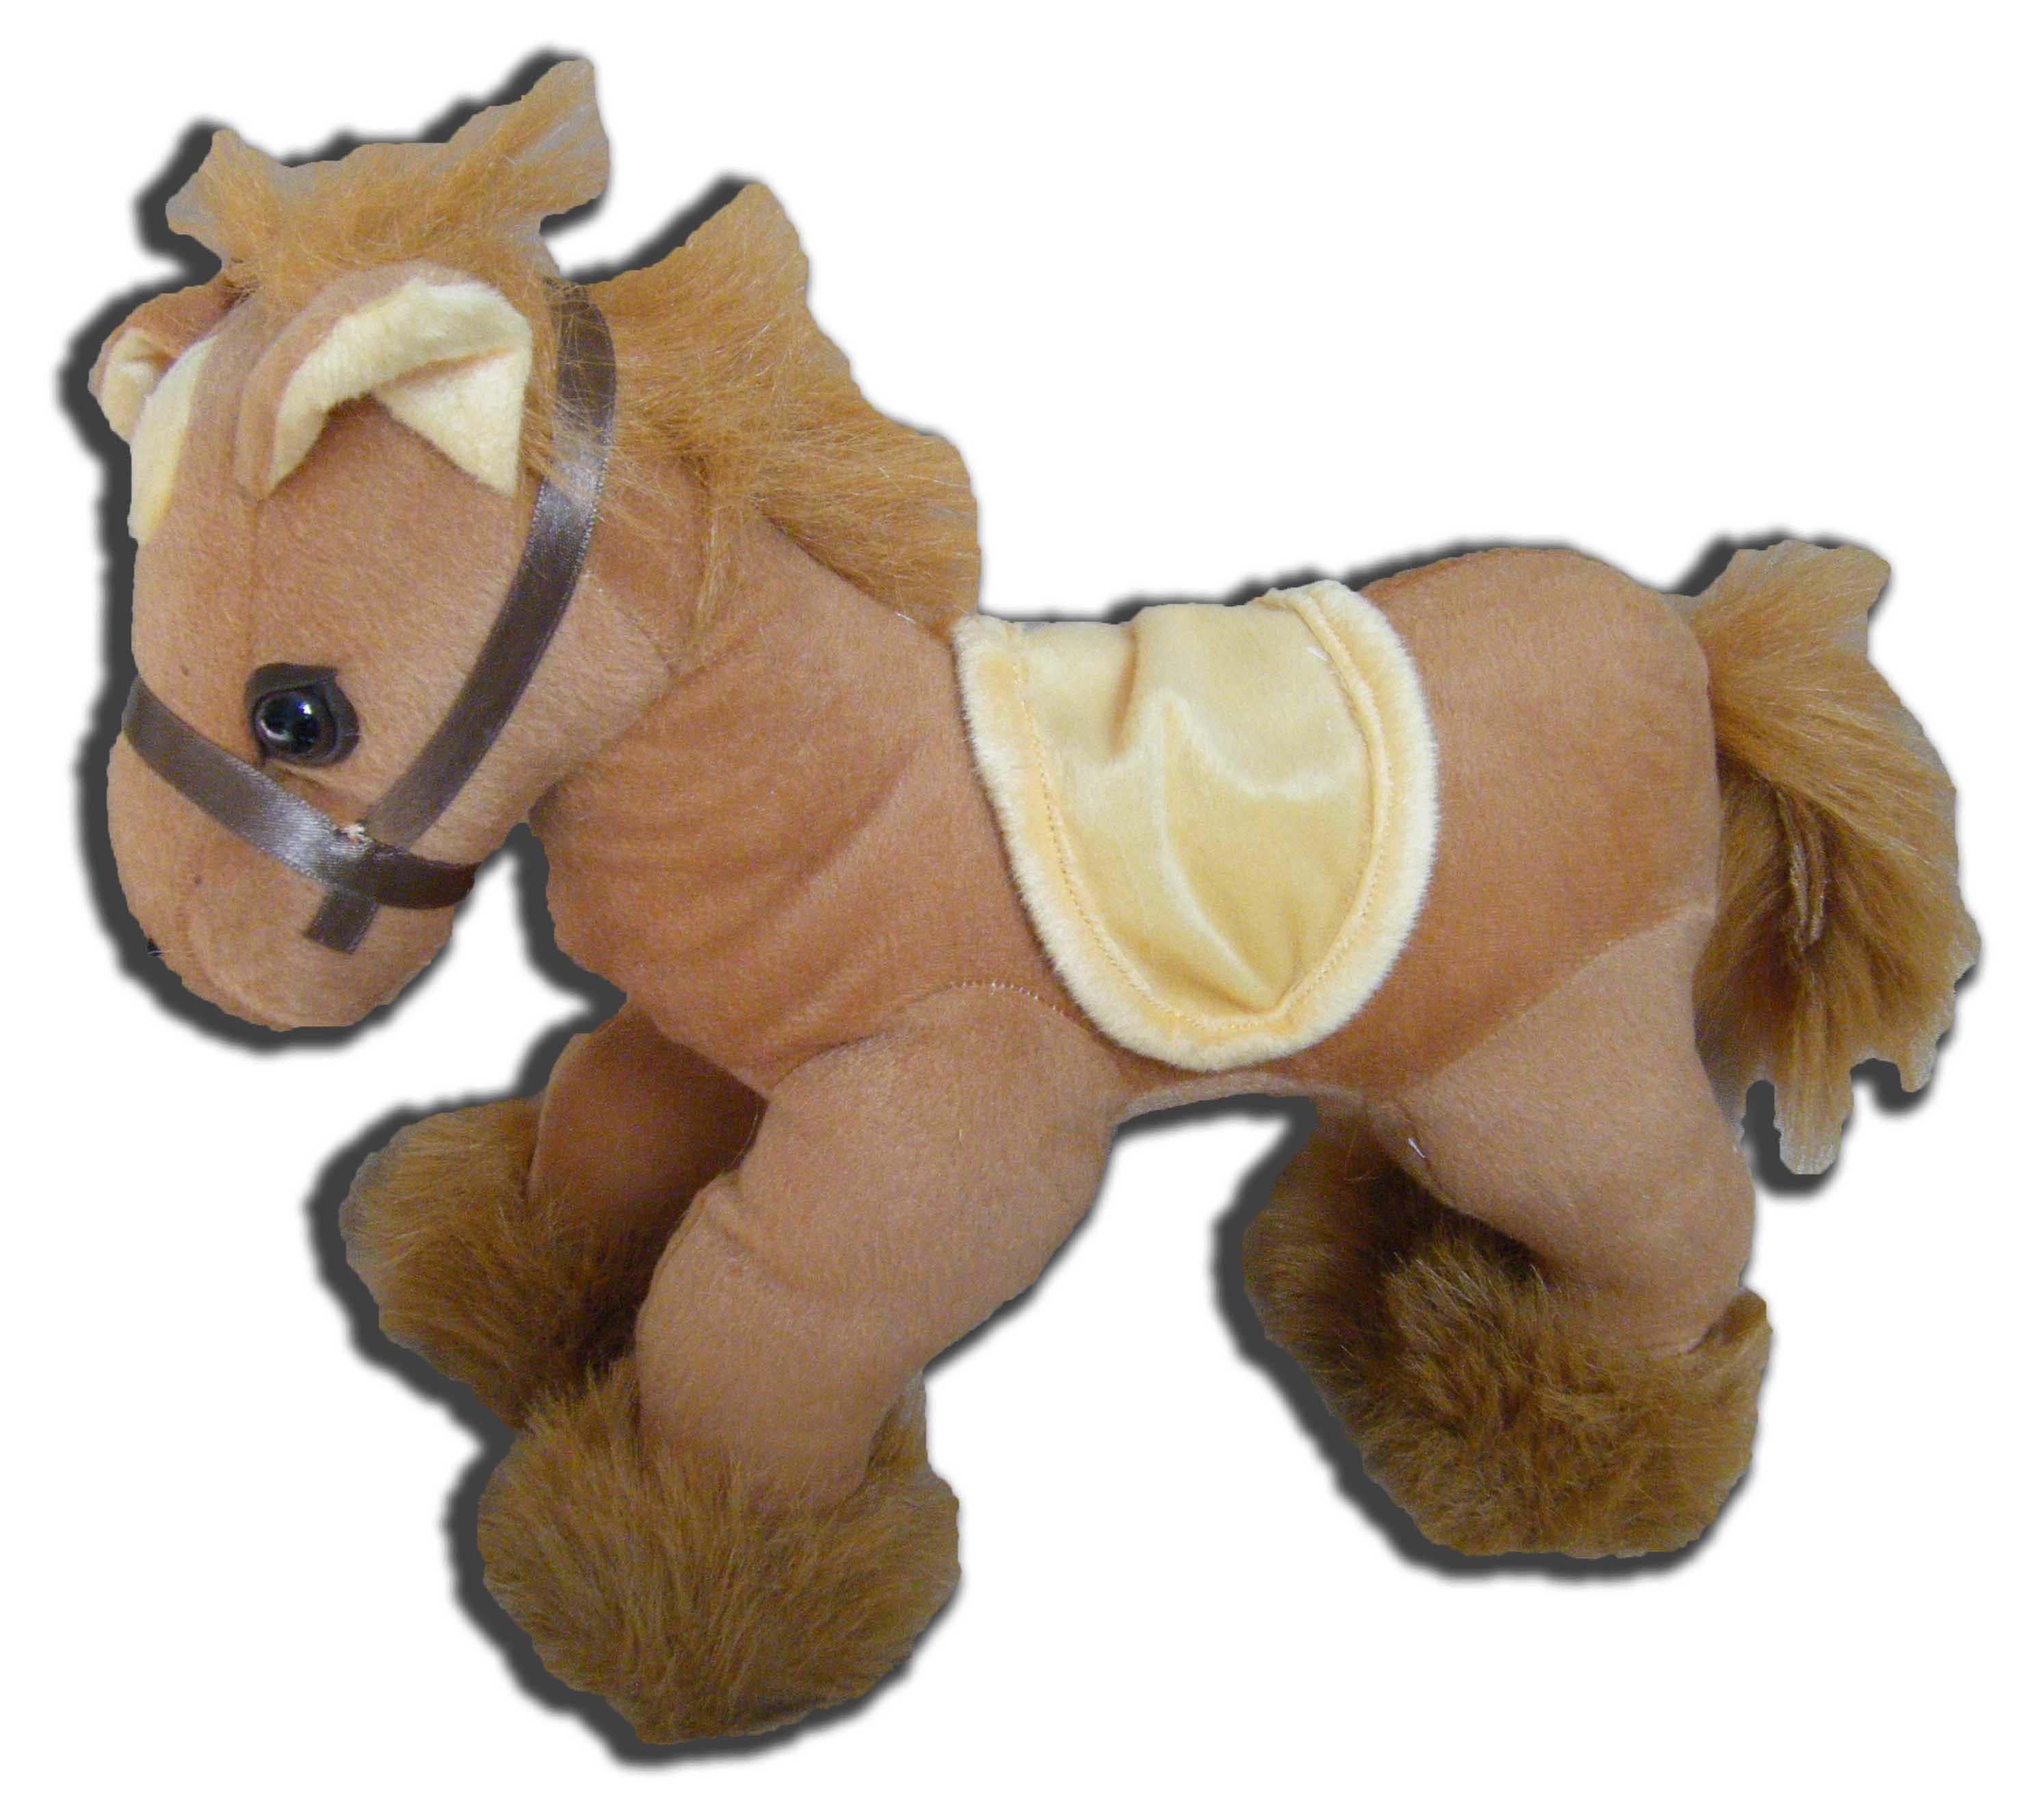 Stuffed Horse Toy : China plush horse toy tx baby